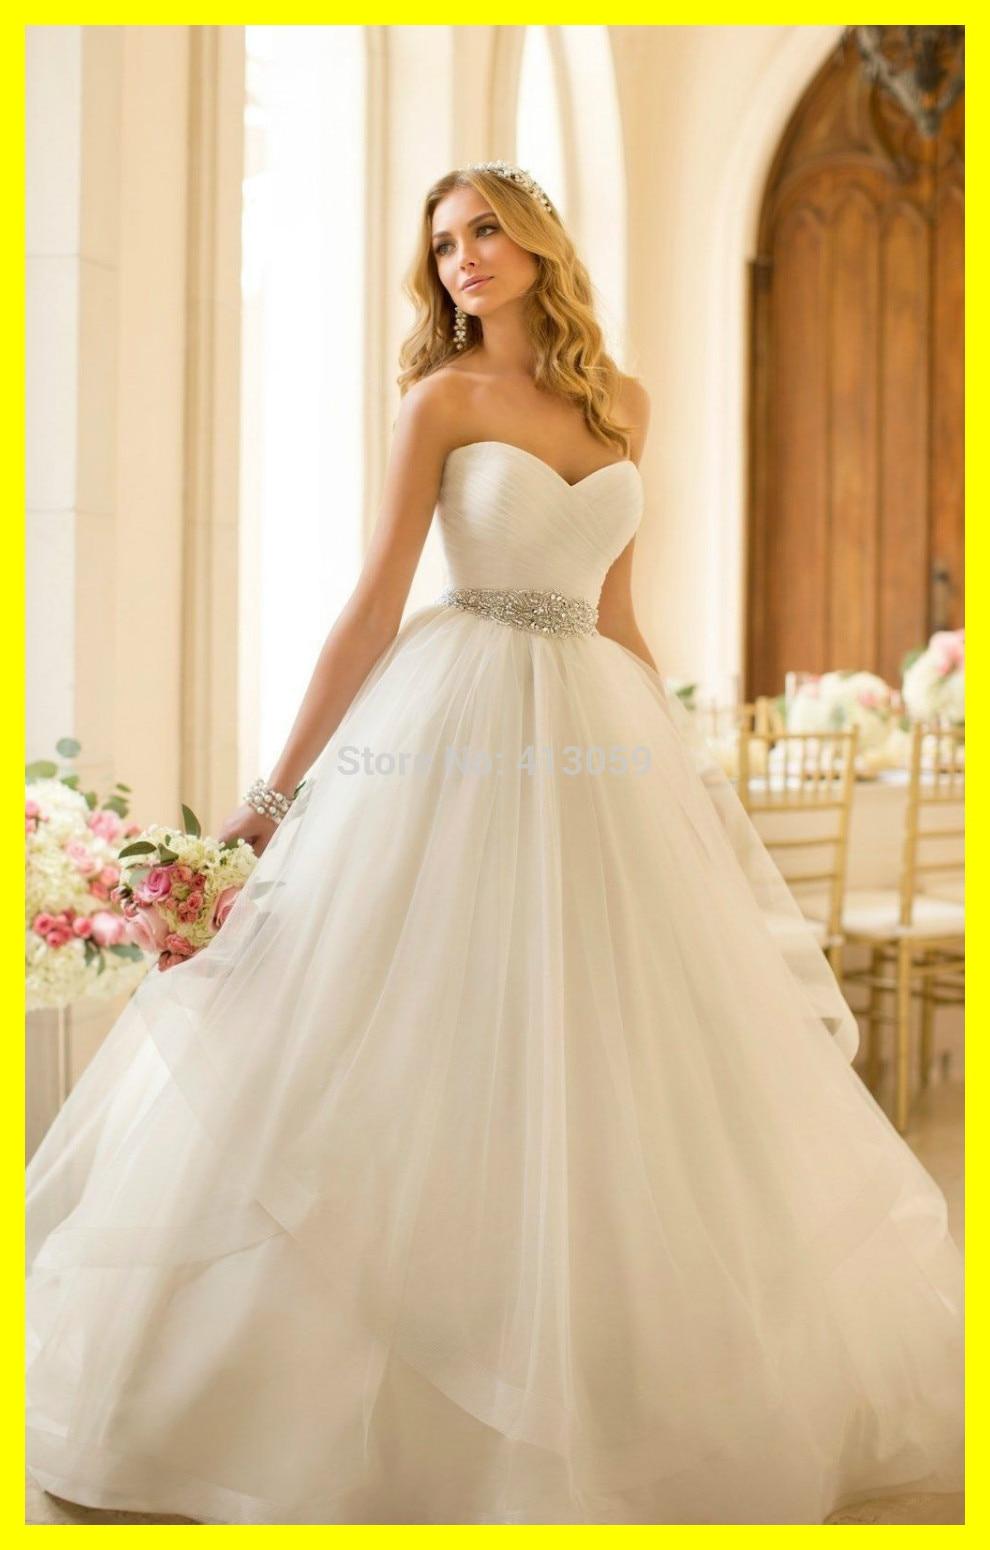 Medium Crop Of Flowy Wedding Dress